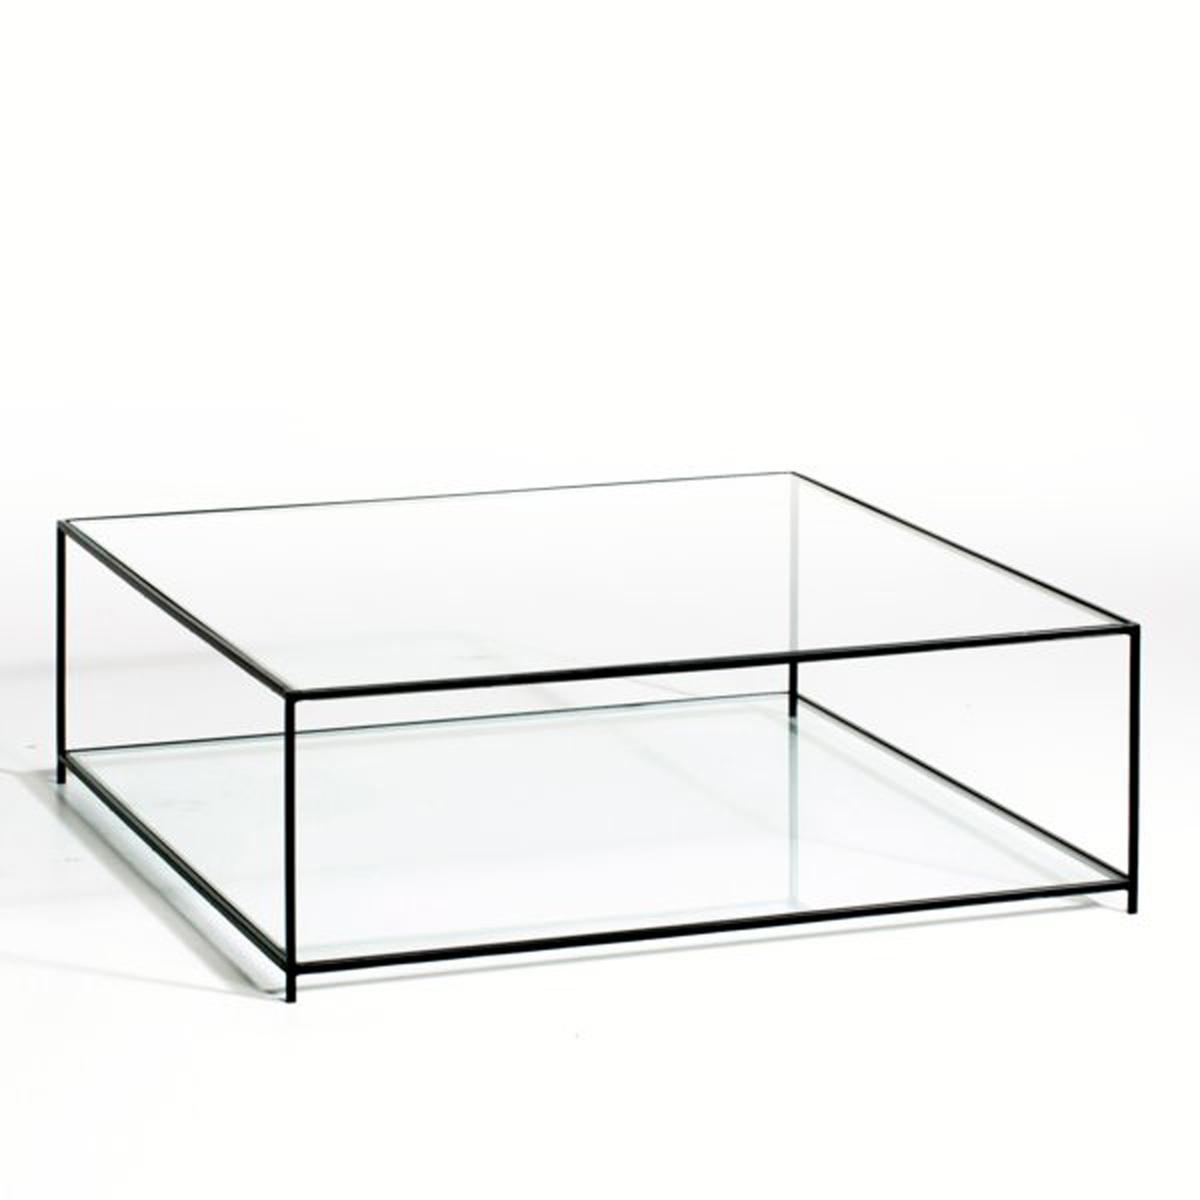 Столик La Redoute Журнальный квадратный Sybil из закаленного стекла единый размер другие